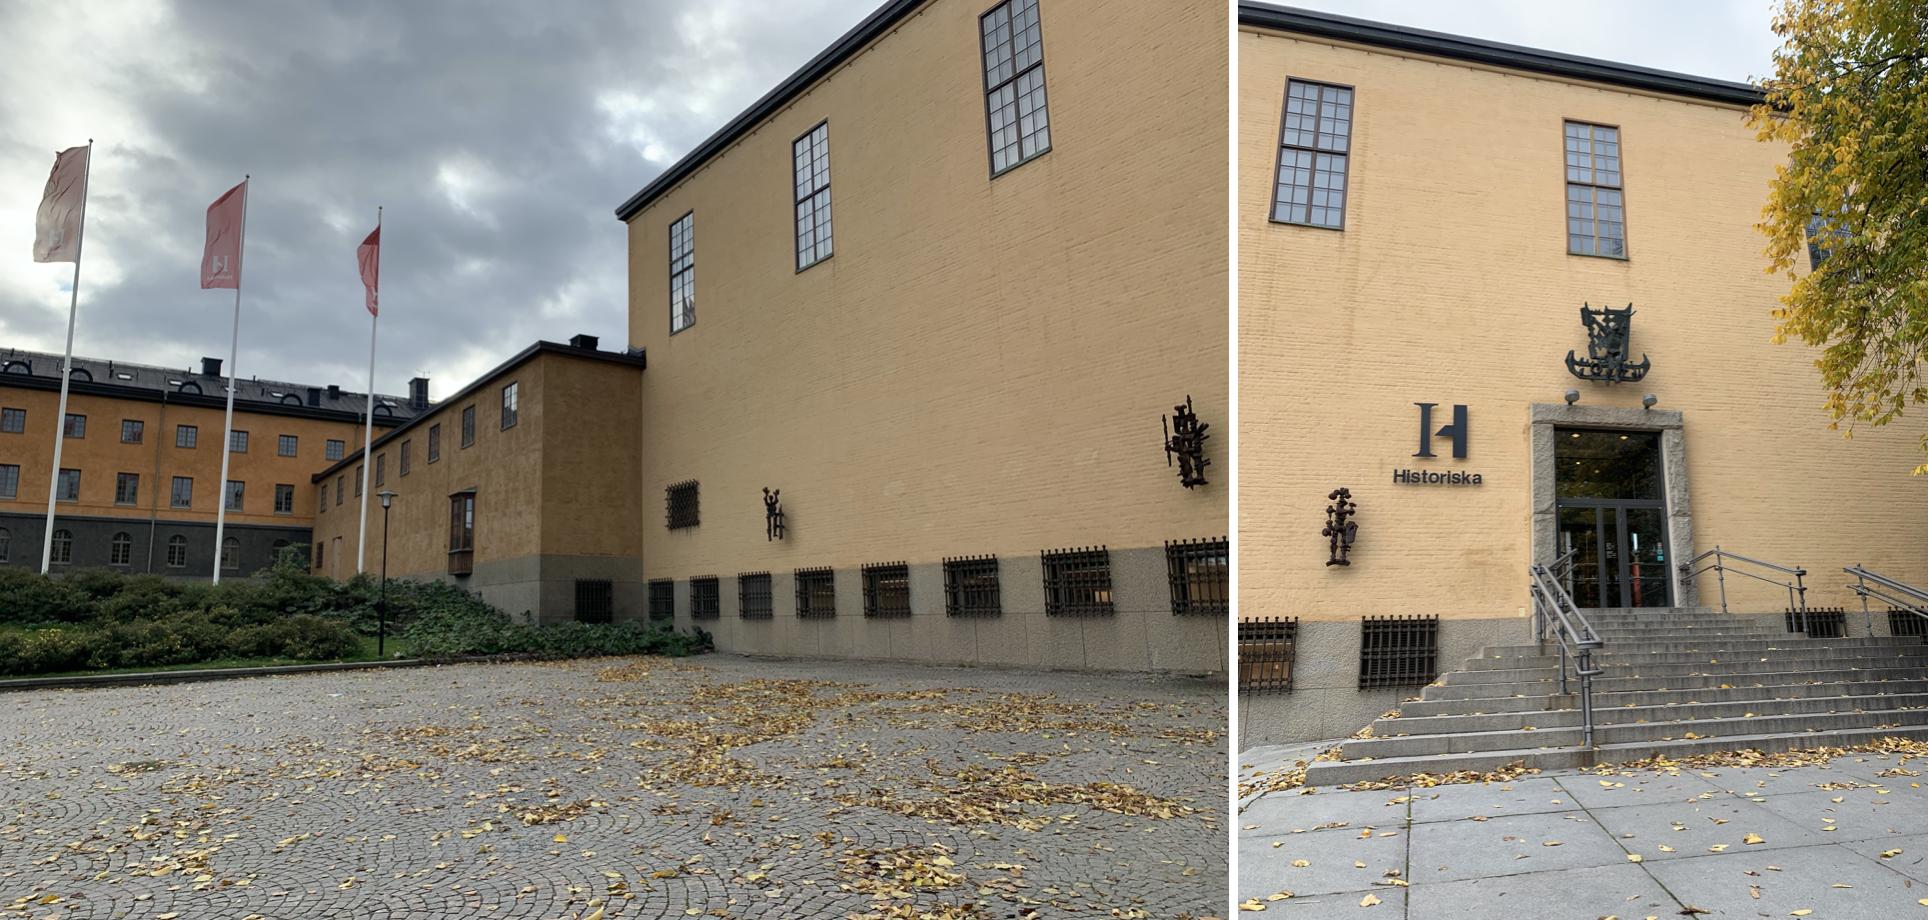 le musee historique de stockholm